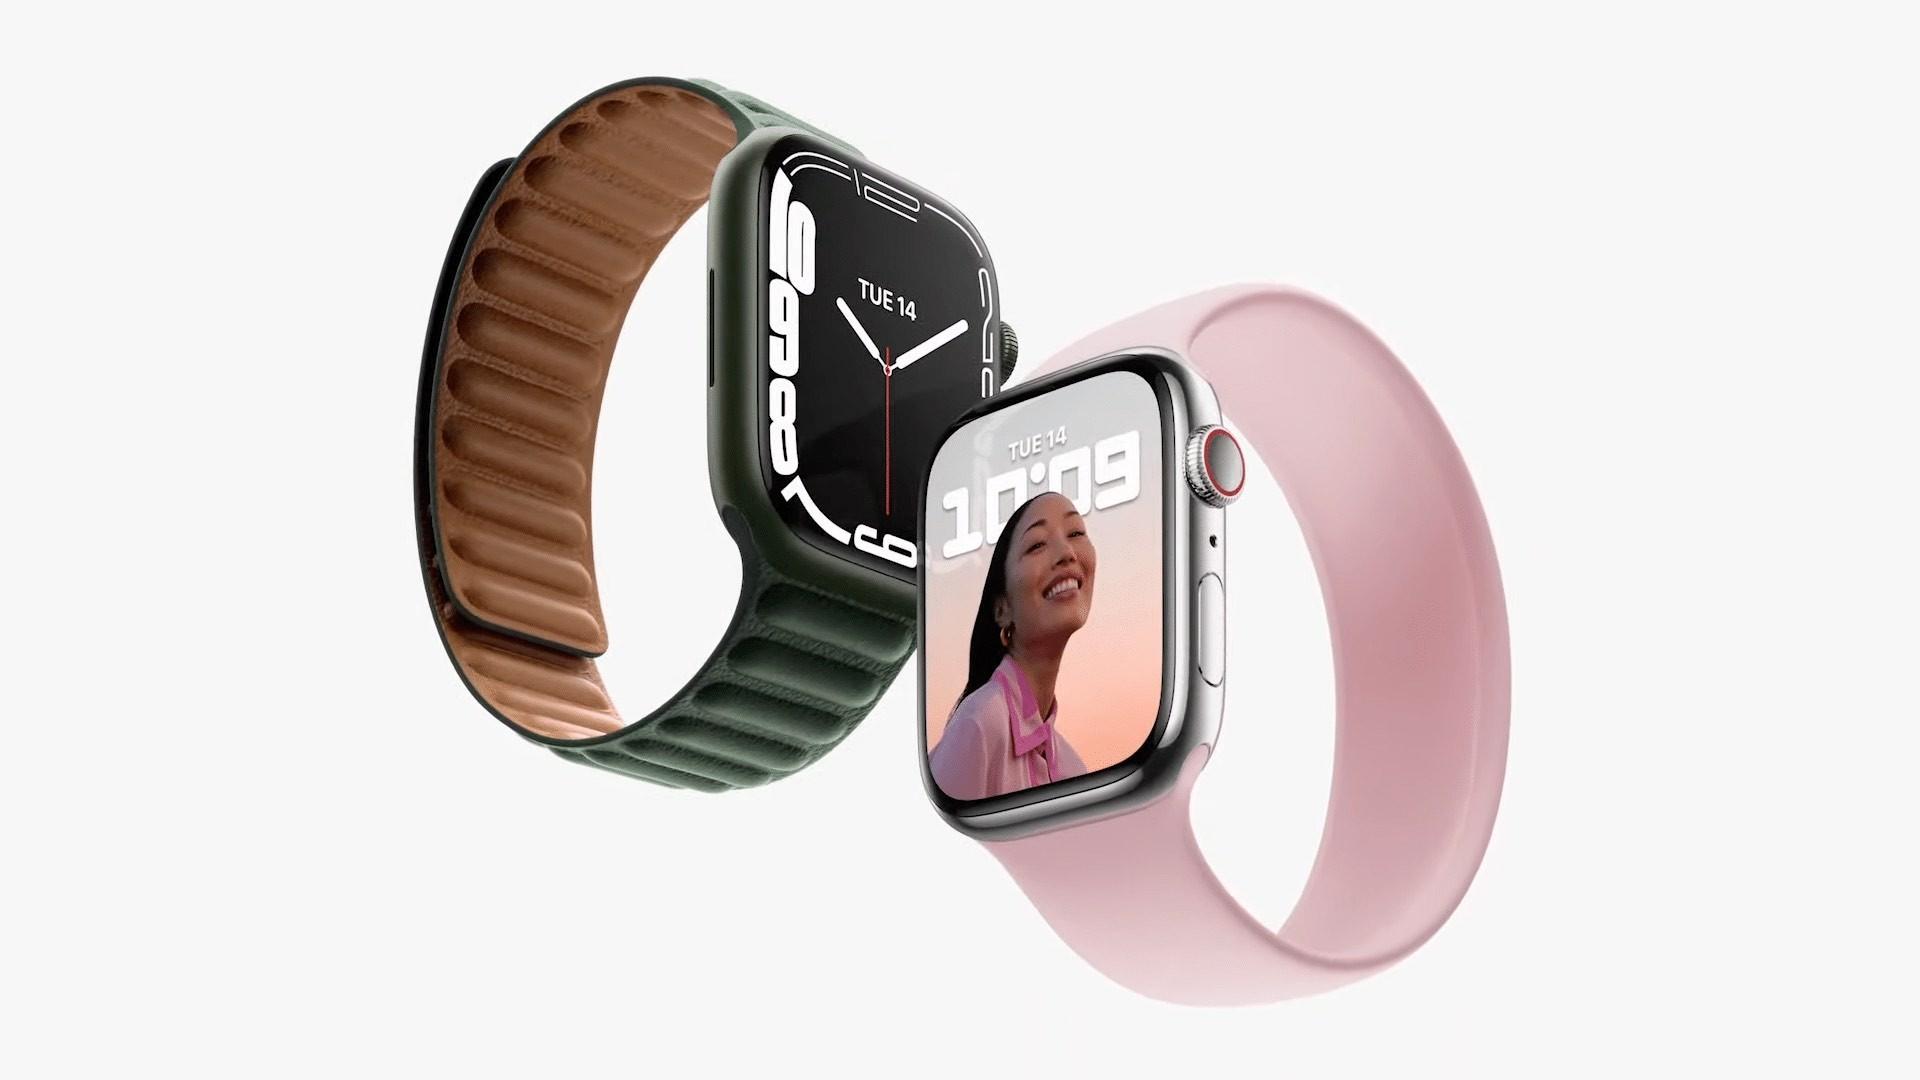 Apple Watch Series 7 z większym ekranem oficjalnie zaprezentowany ciekawostki, box Specyfikacja, cena, Apple Watch Series 7  Dzisiaj, na konferencji California Streaming , Apple zaprezentował nową serię Apple Watch 7. Nowy zegarek ma większy ekran i nowy procesor. Niestety nie ma nowych czujników. AW7 2